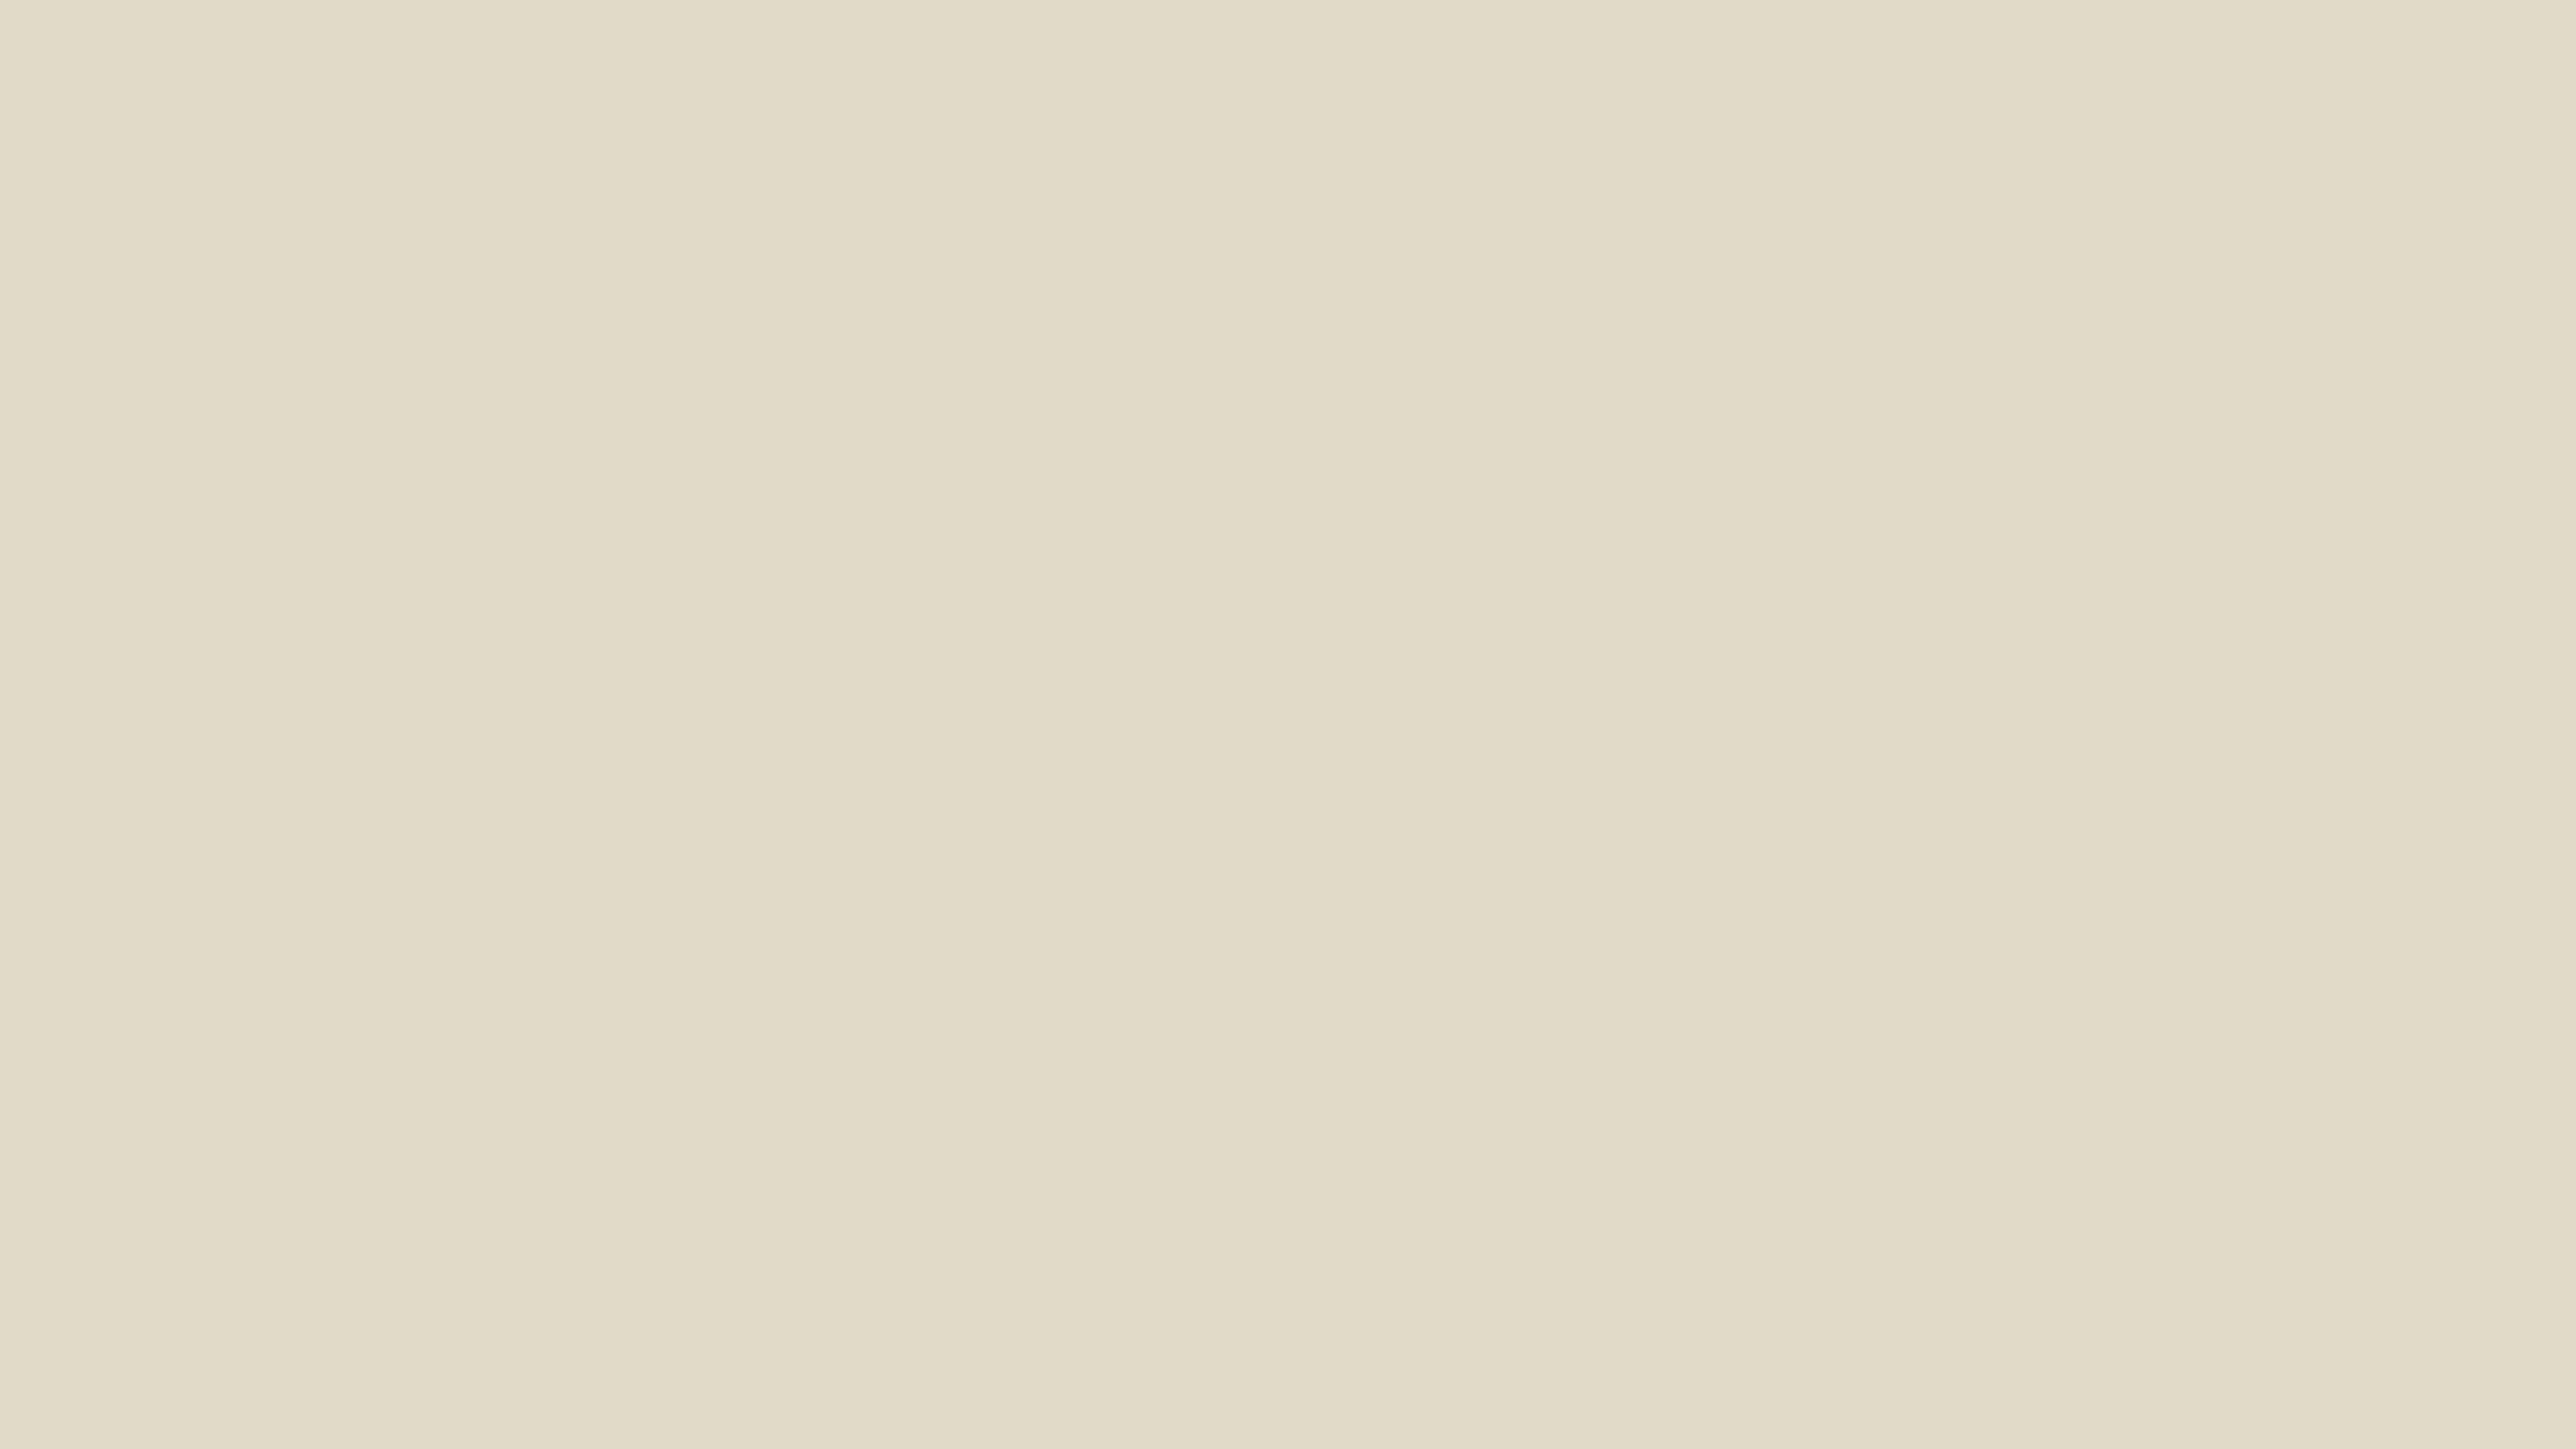 5120x2880 Hình nền rắn màu có độ phân giải cao